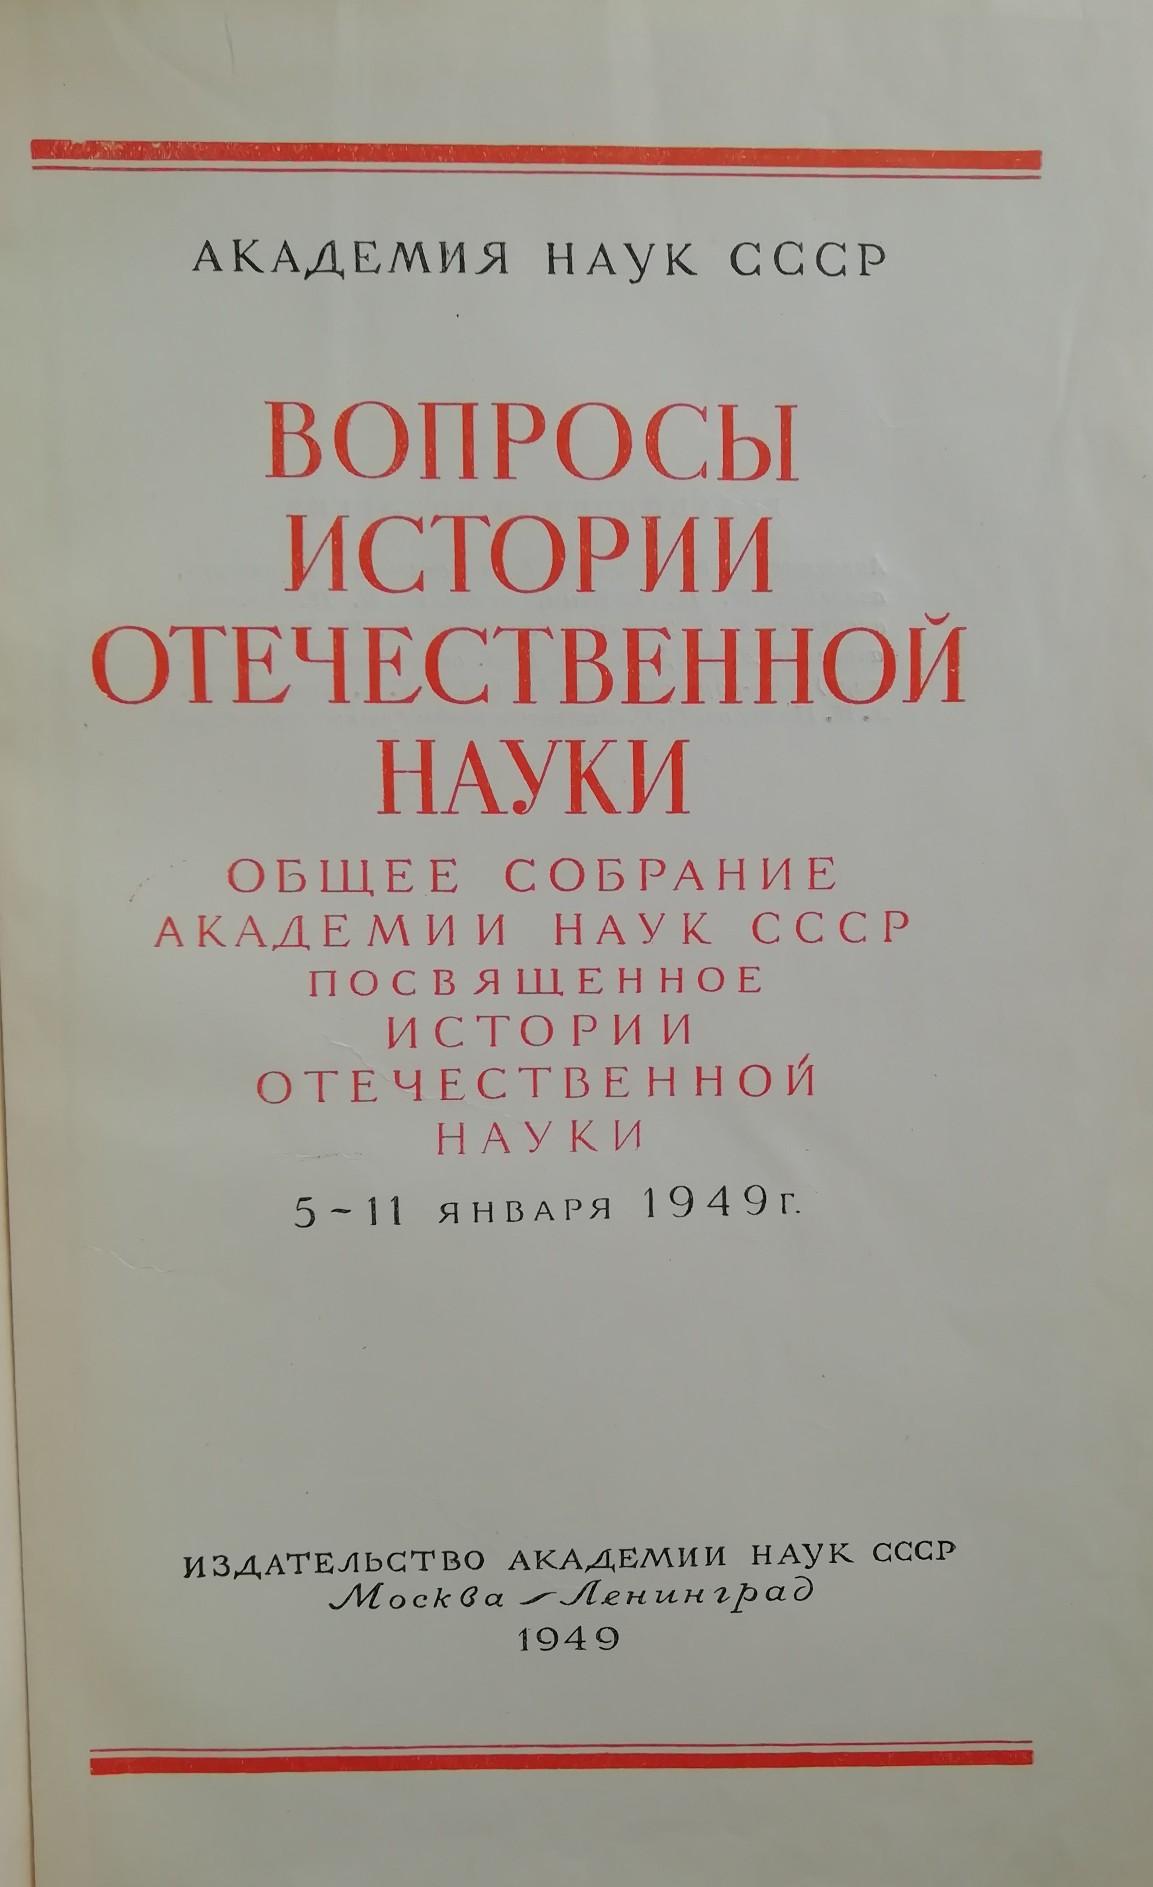 Вопросы истории отечественной науки, 1949 г.